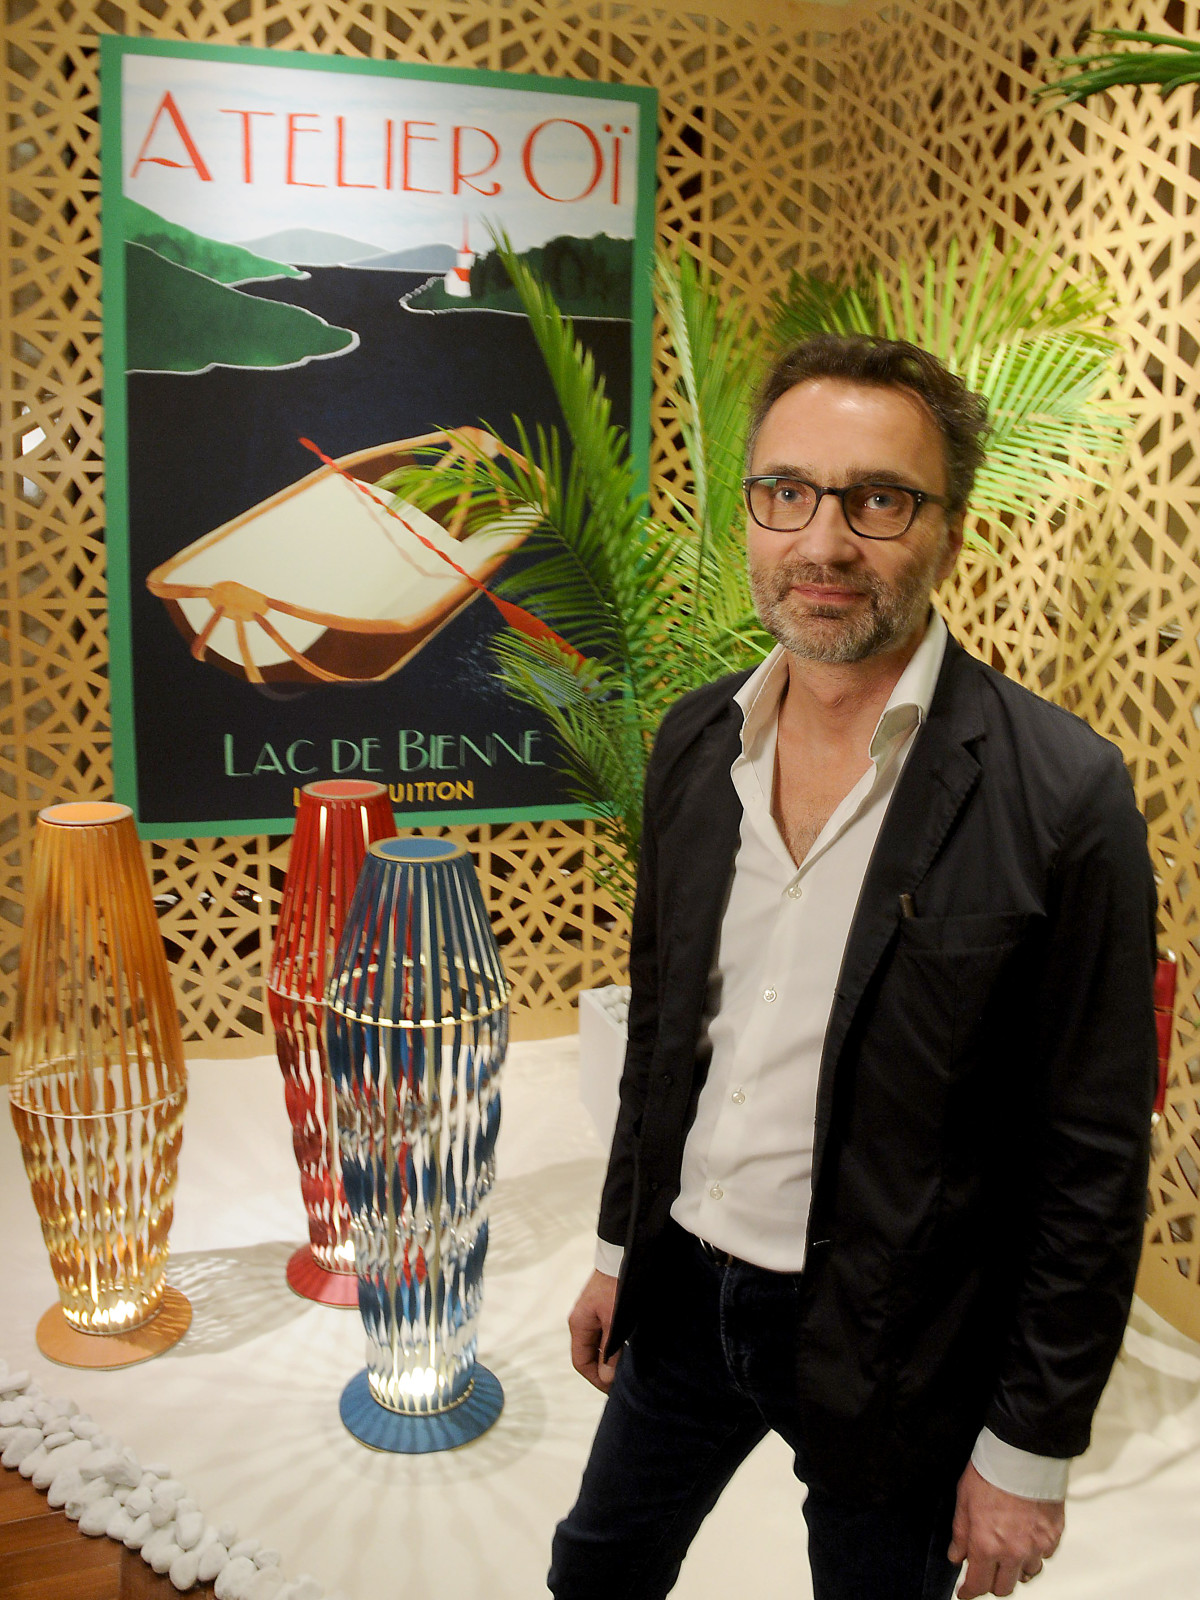 Atelier Oi designer Patrick Reymond